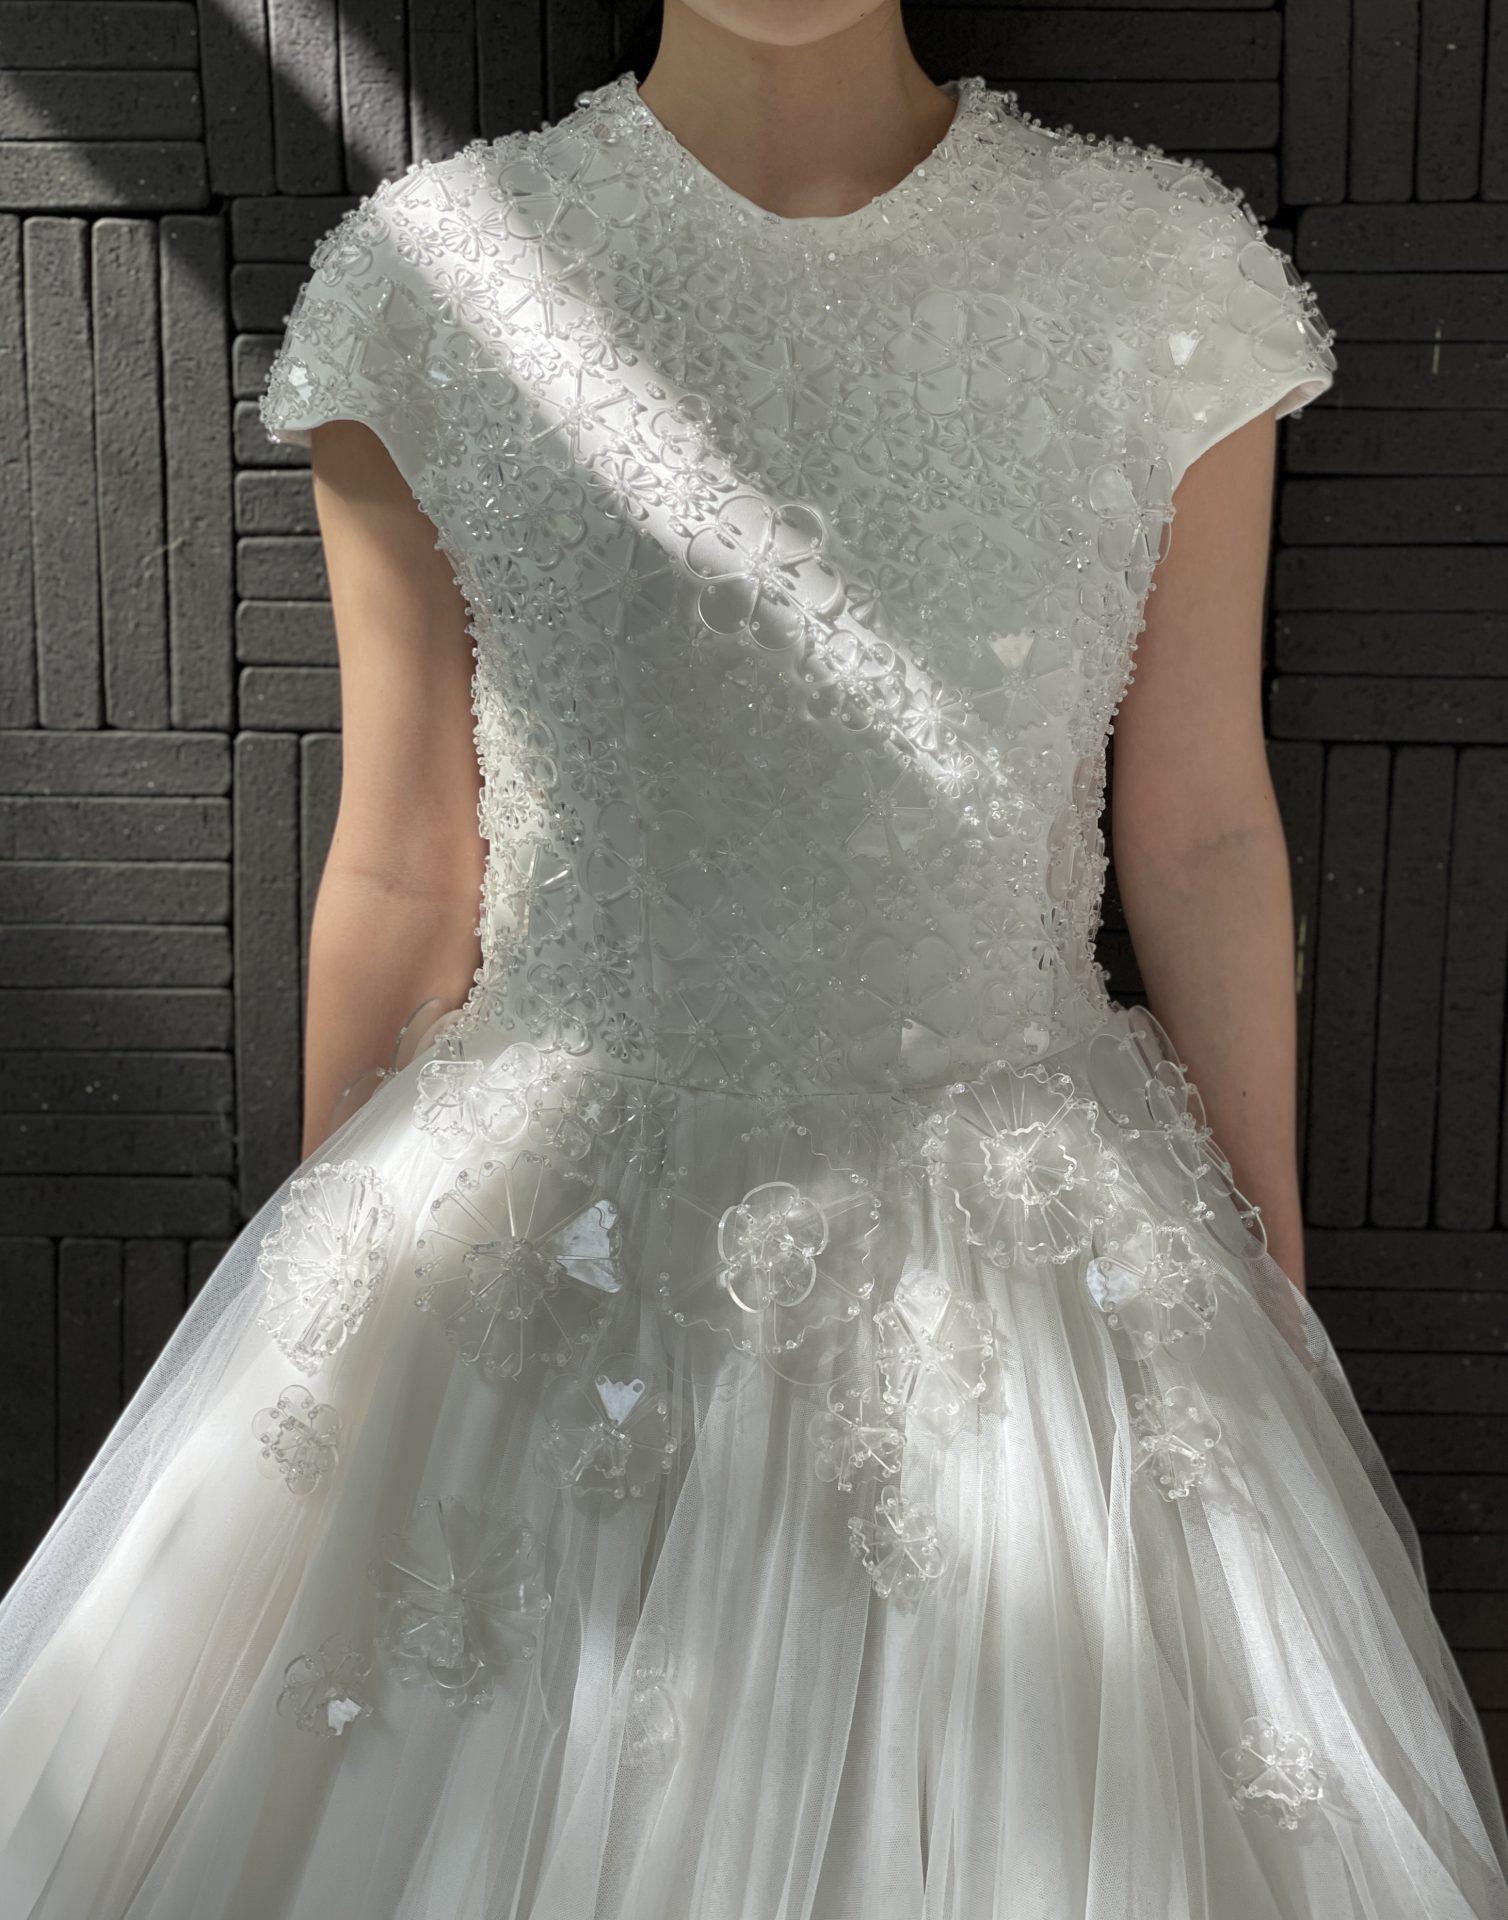 ハイアットリージェンシー大阪におすすめのザトリートドレッシングのプリンセスラインのウェディングドレス